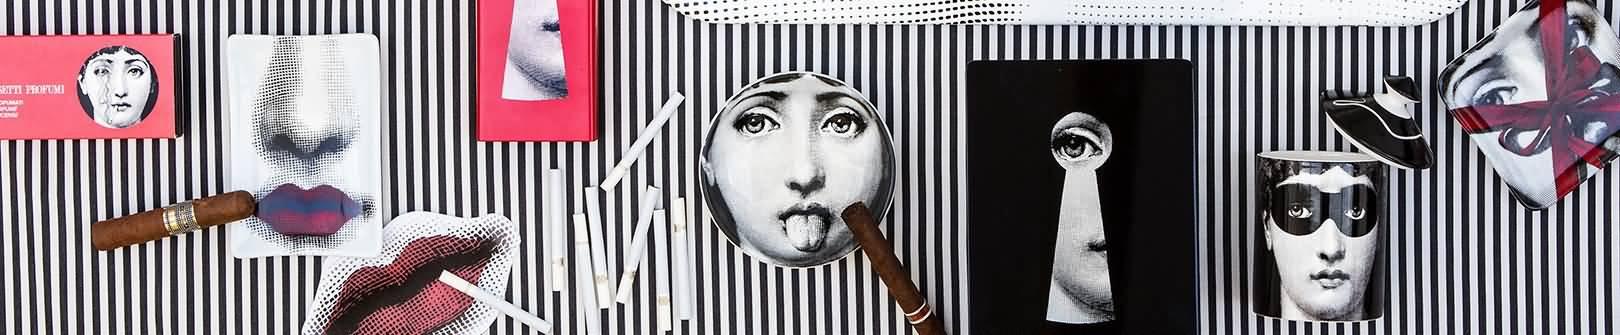 喫煙アクセサリー